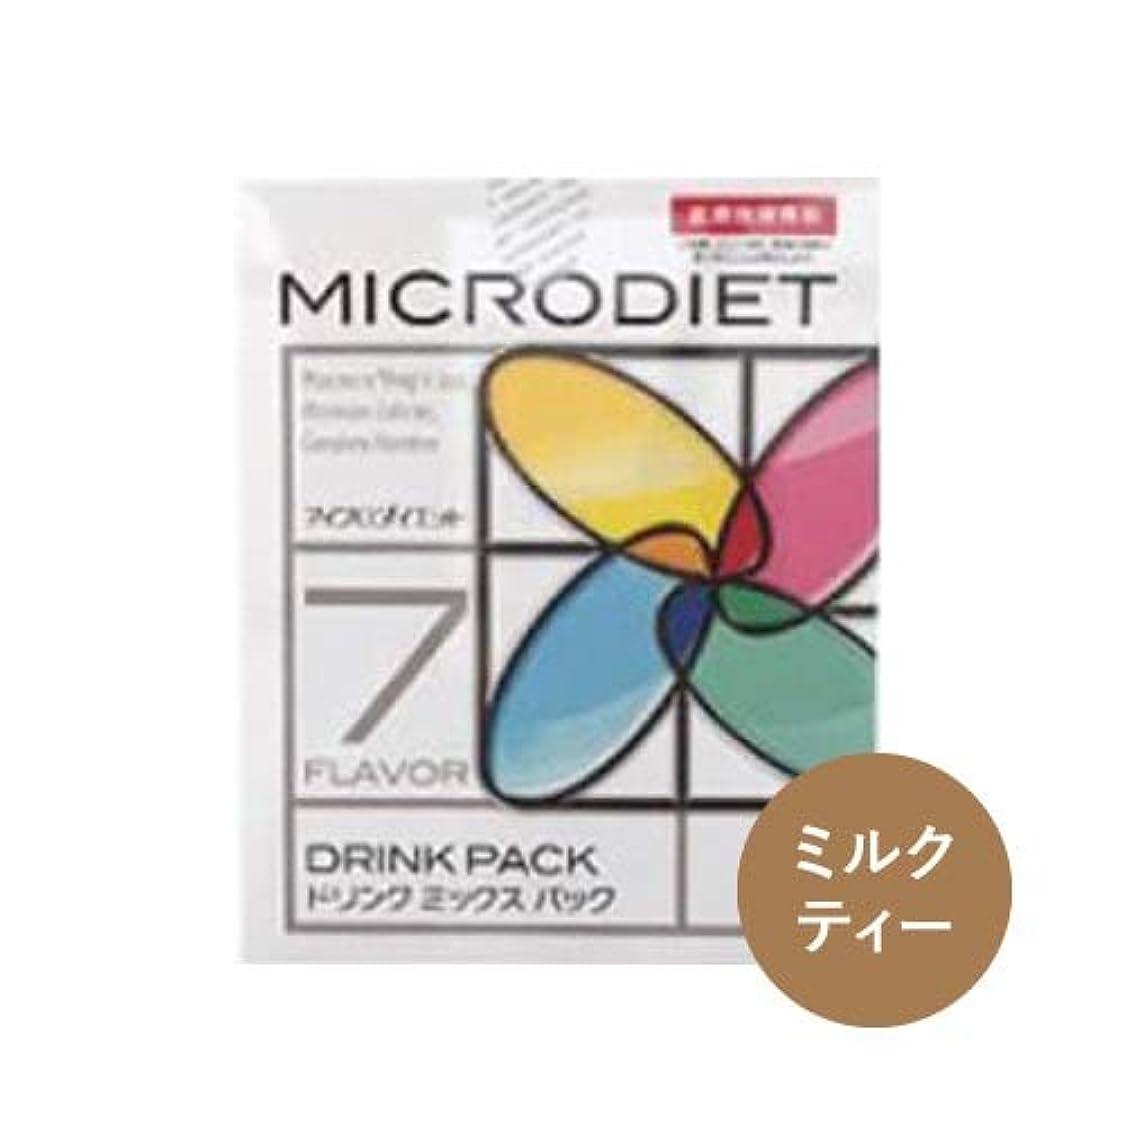 転倒論争の的本マイクロダイエット MICRODIET ドリンクタイプ 7食 ミルクティー味